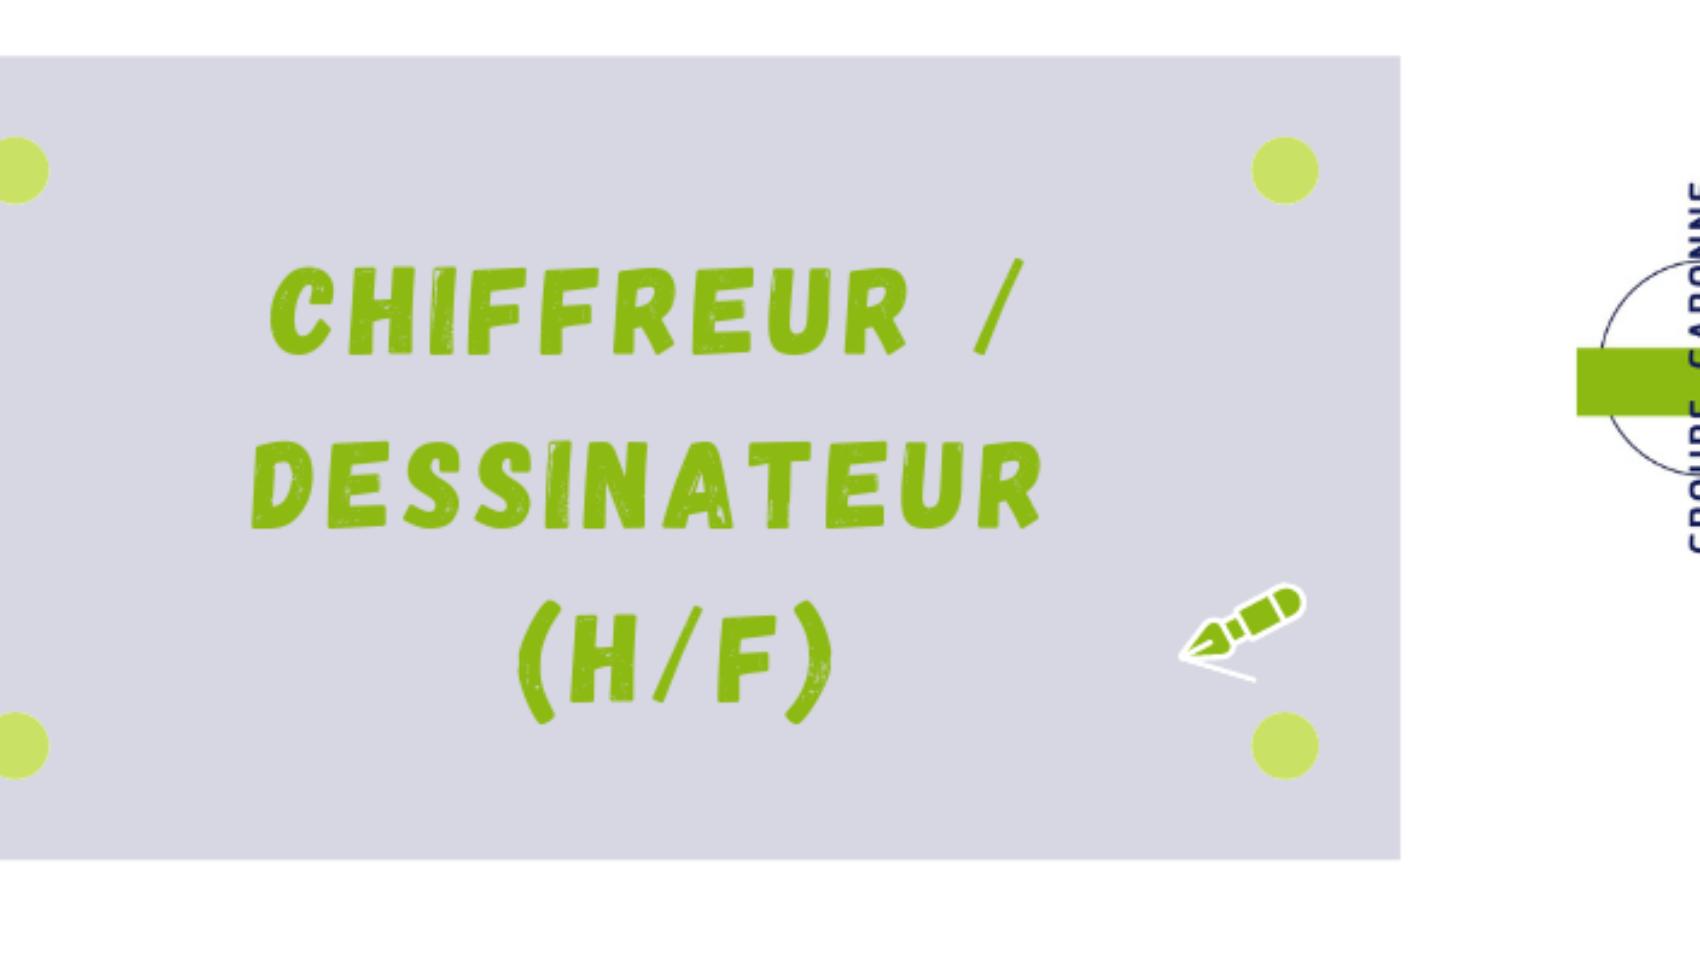 Chiffreur / Dessinateur